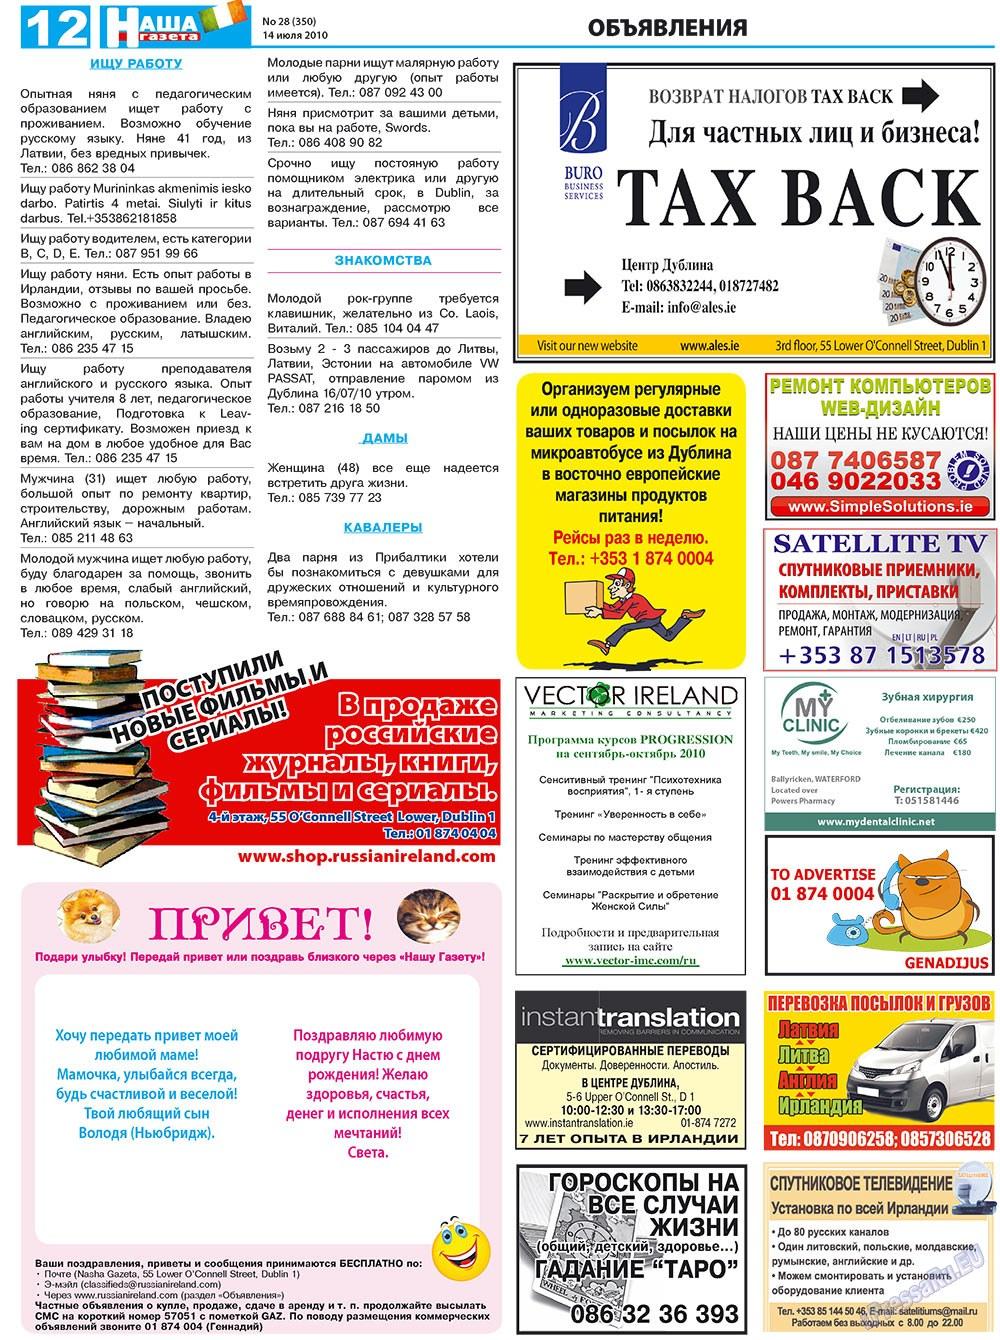 Знакомства во владикавказе газетные объявления